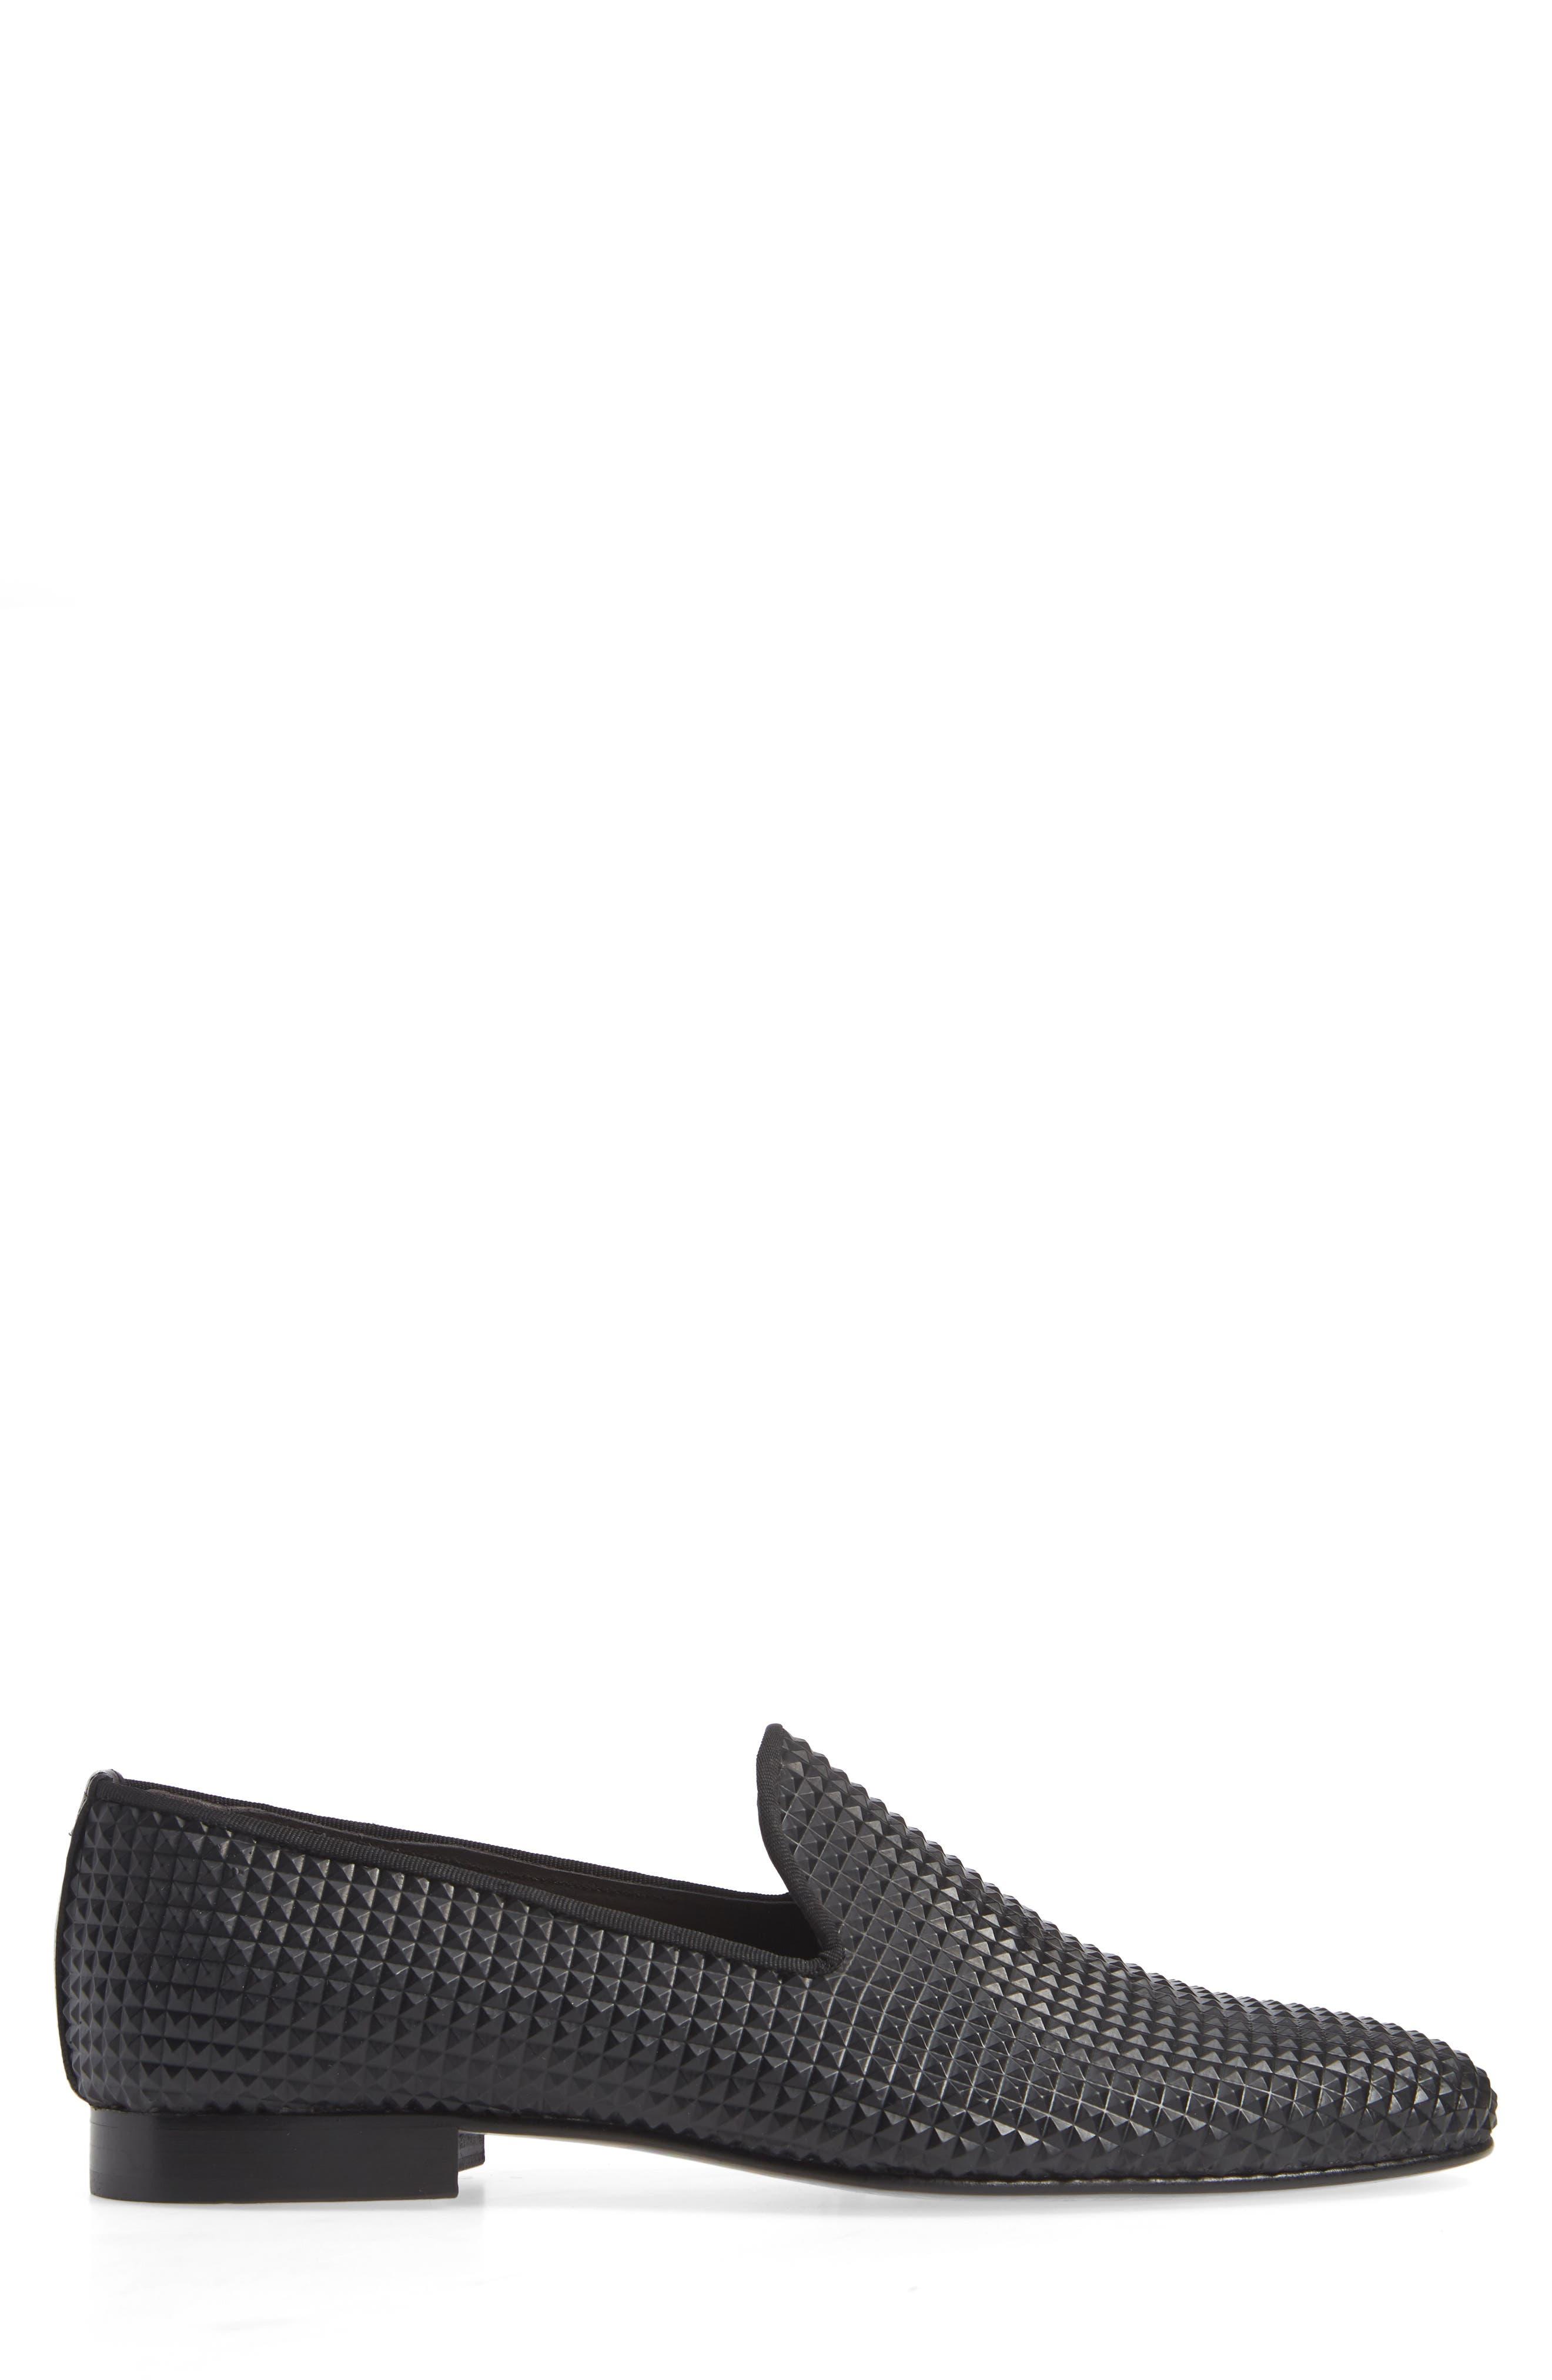 Milan Studded Venetian Loafer,                             Alternate thumbnail 3, color,                             BLACK